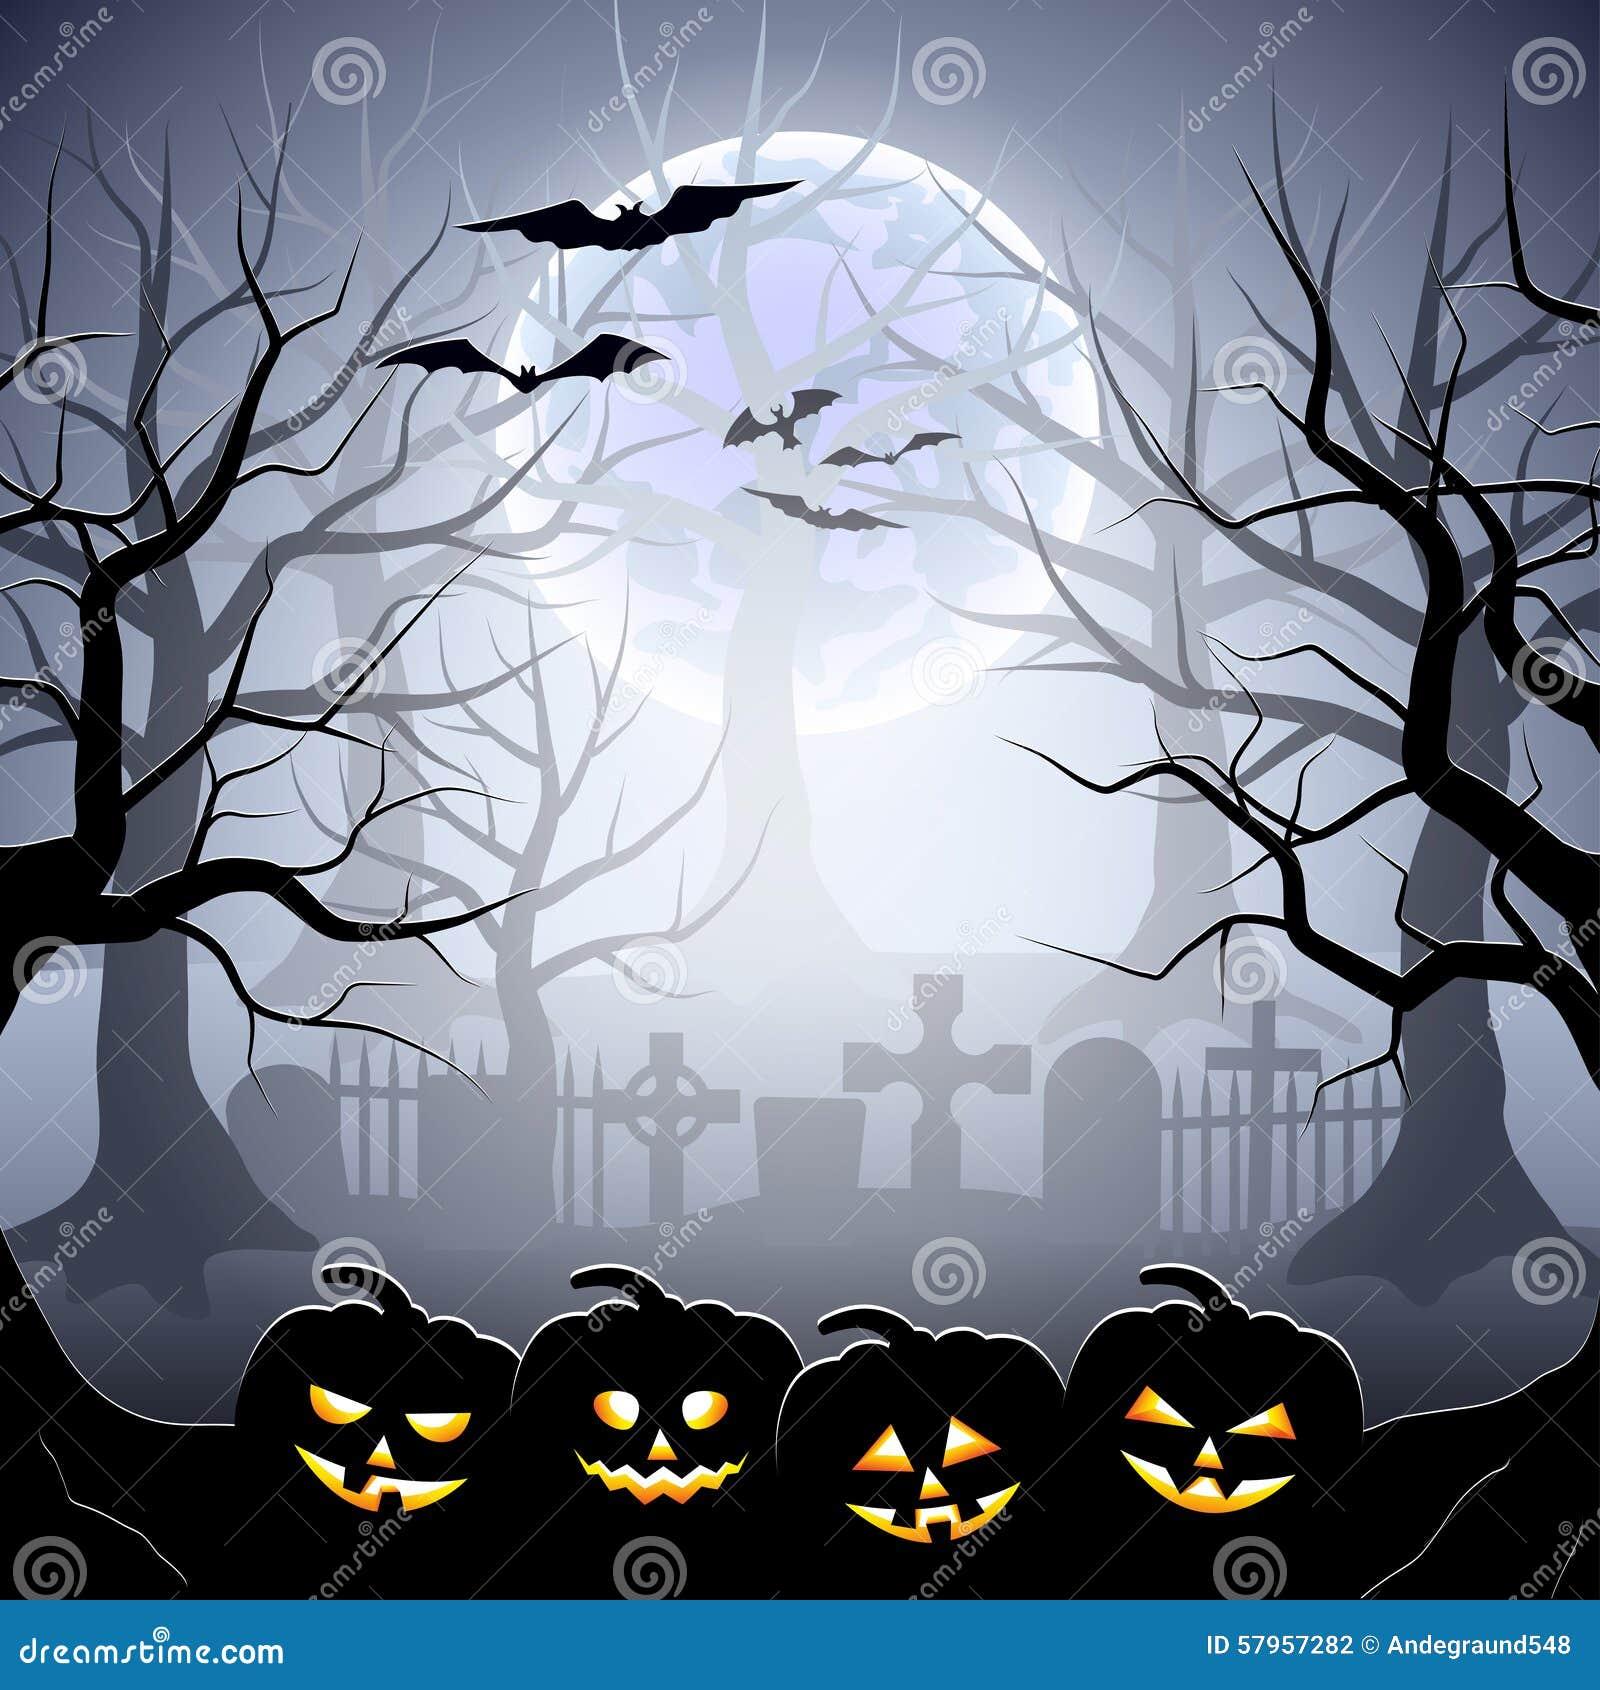 Cimetière Et Potirons De Halloween Dans La Forêt Brumeuse